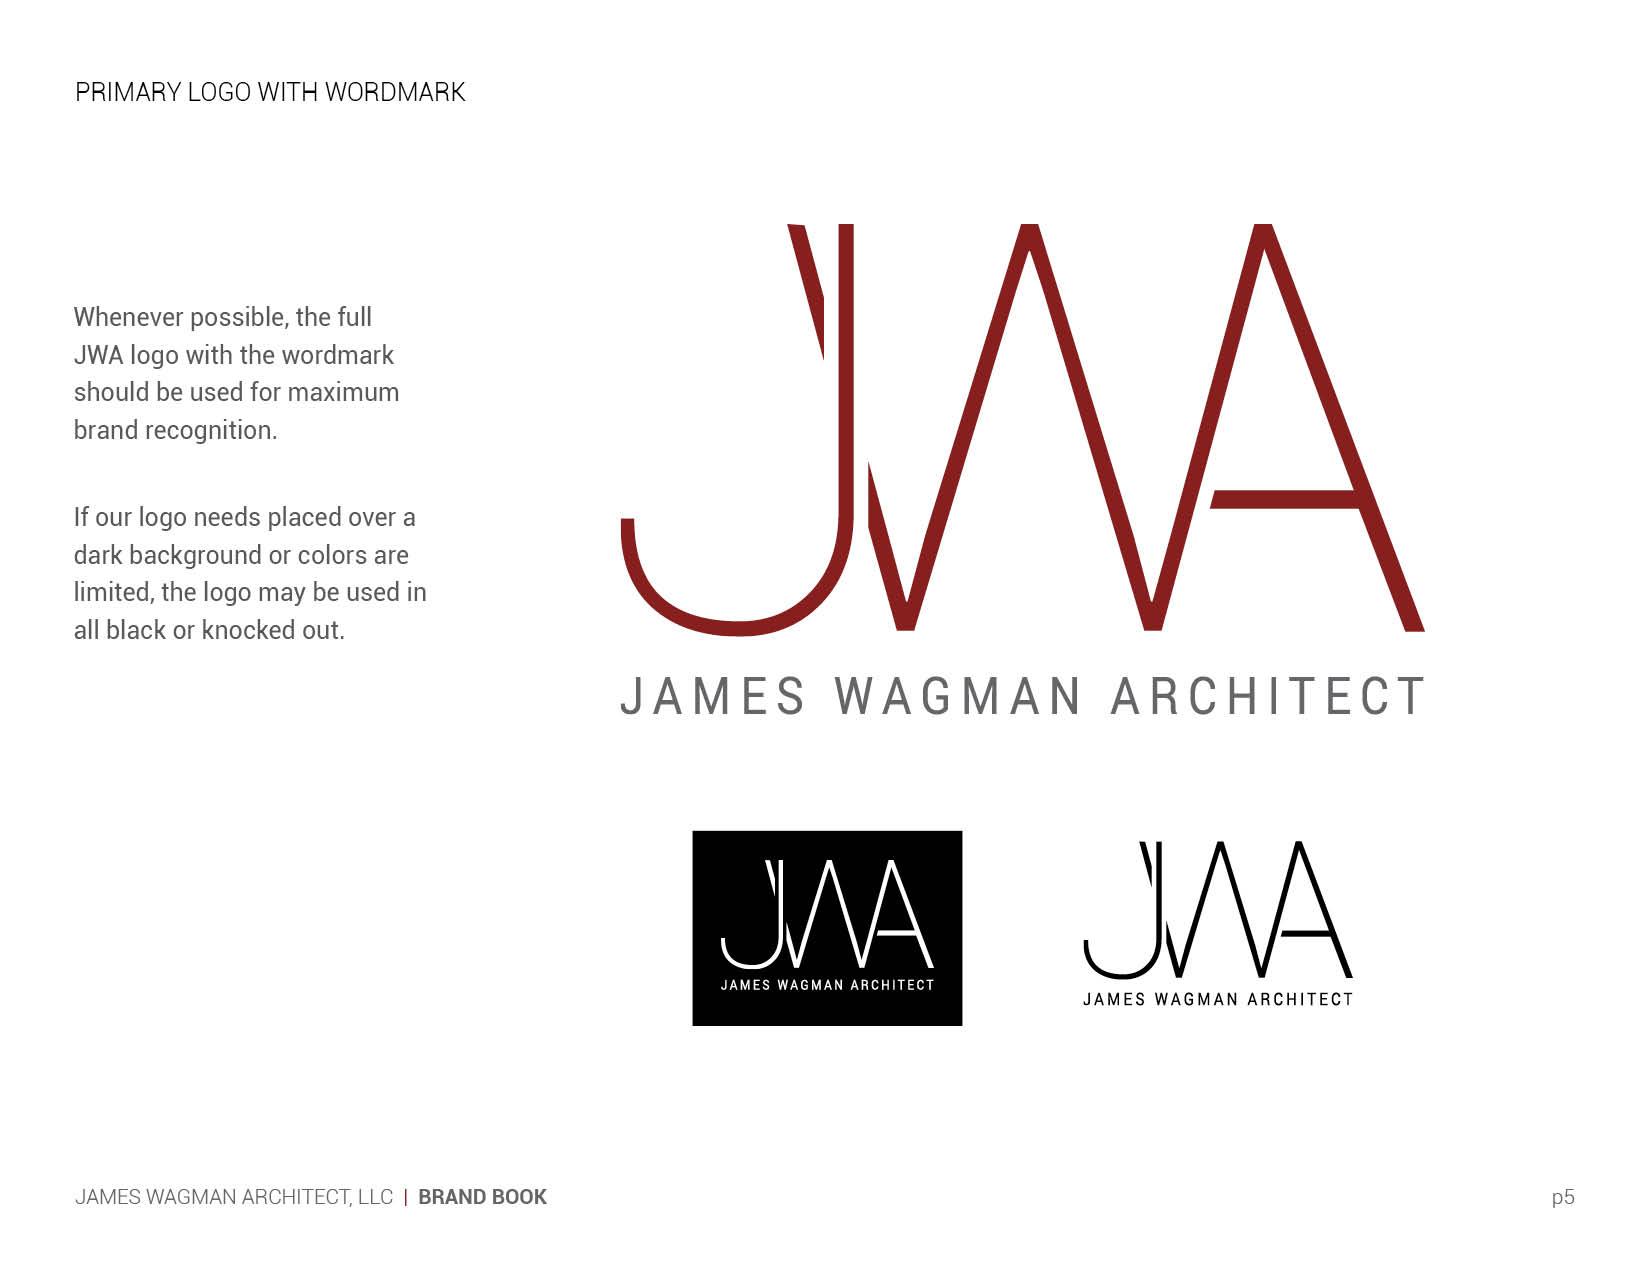 JWA_Brand Guidelines_p5.jpg